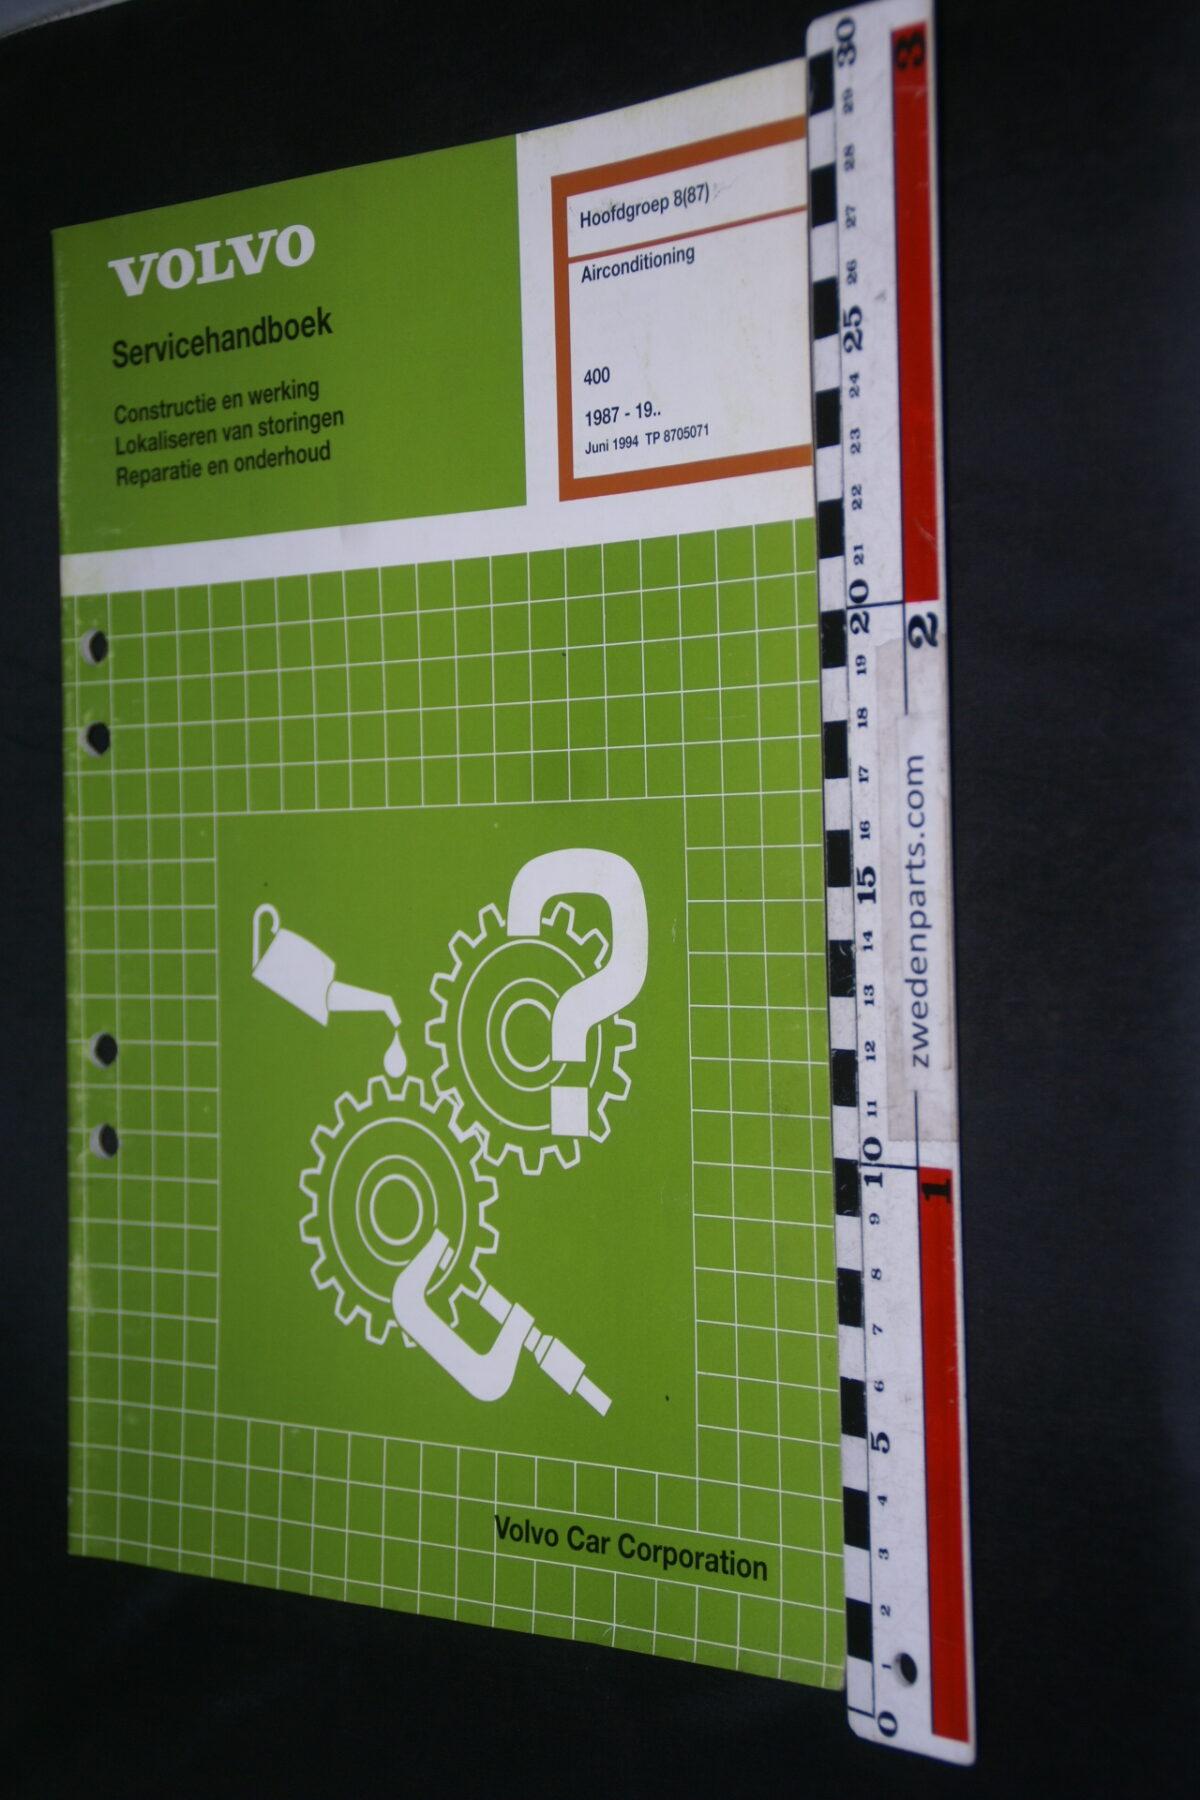 DSC08517 1994 origineel Volvo 400 servicehandboek  8 (87) airco 1 van 1.000 TP 8705071